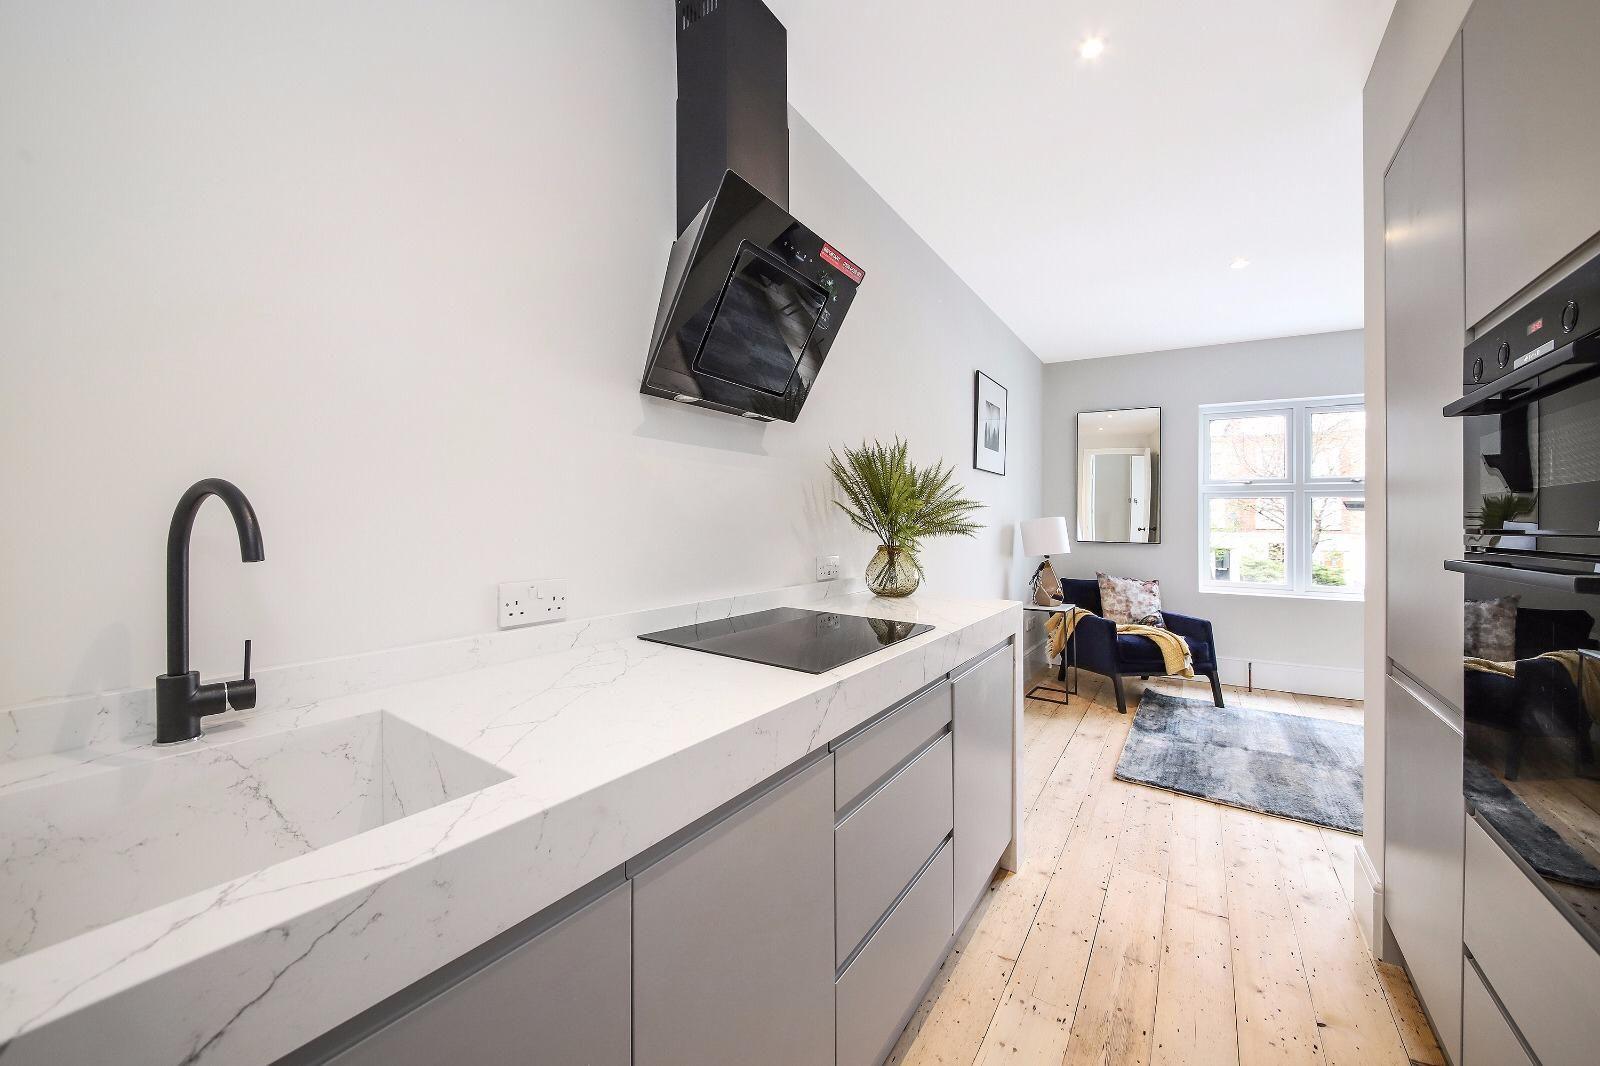 wren kitchens, faber hoods Interior design kitchen small